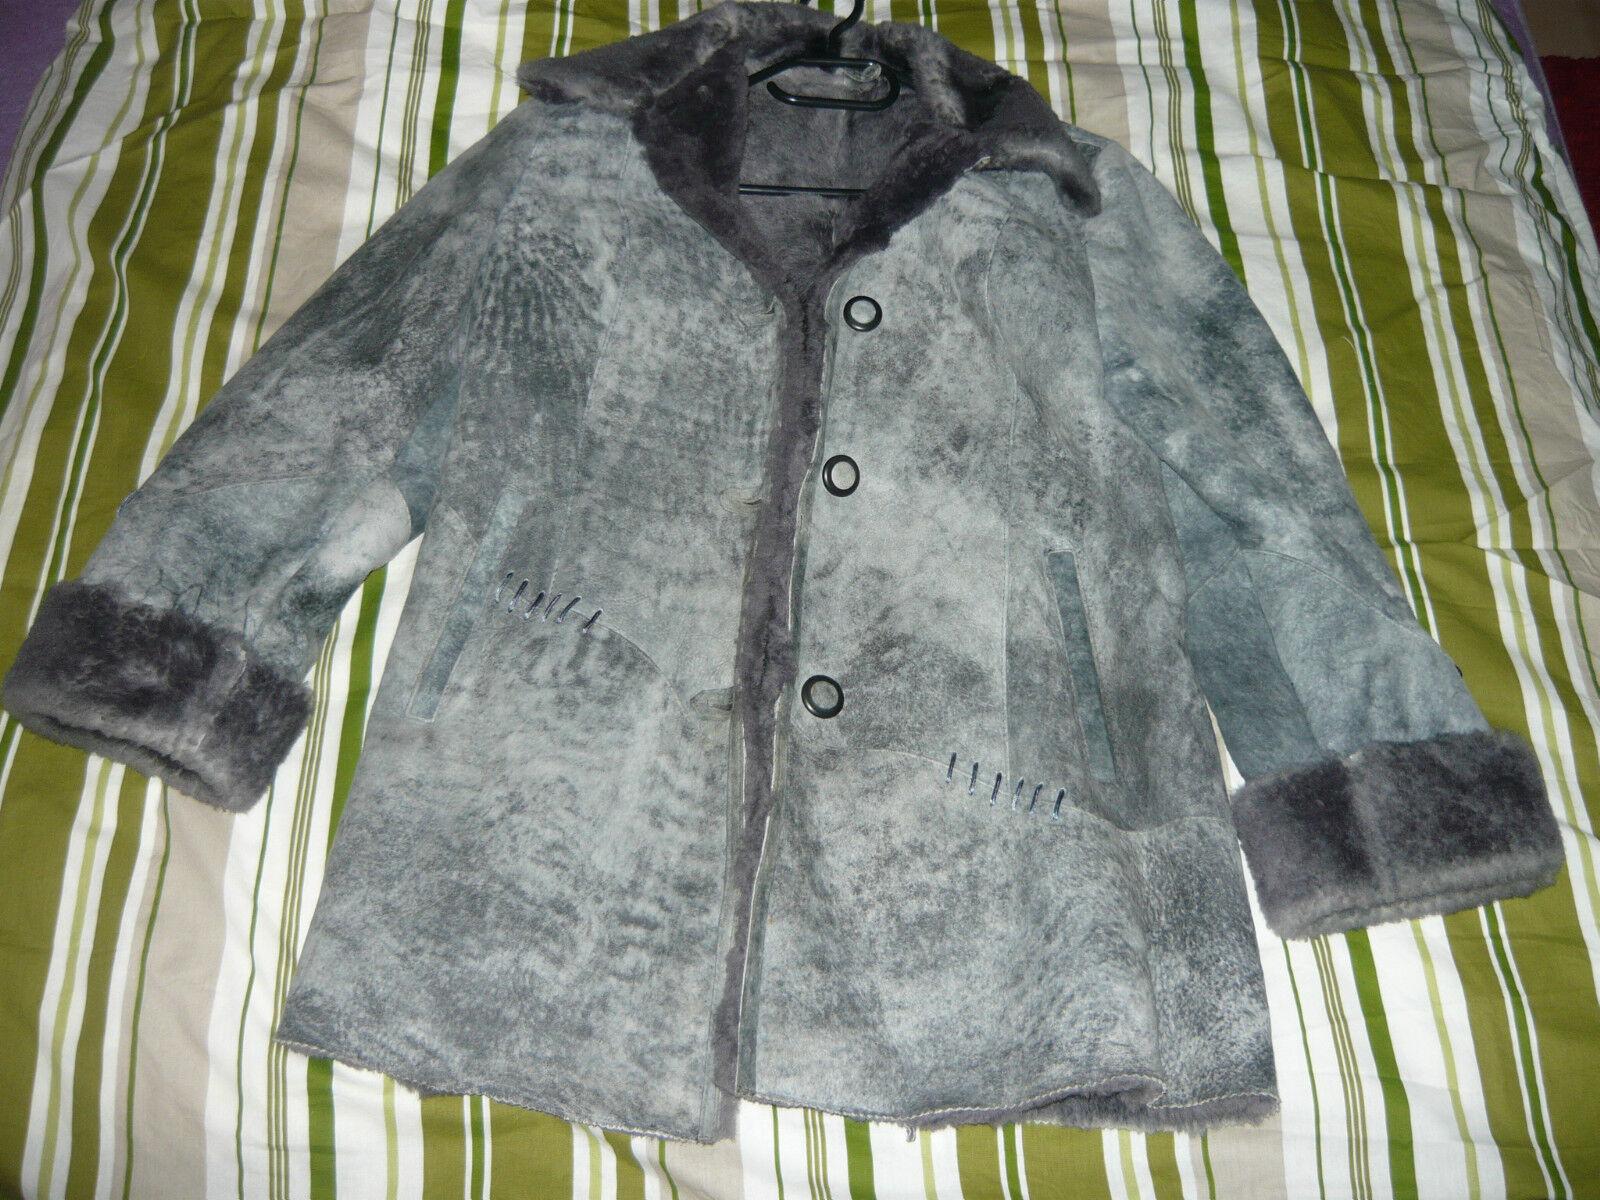 Leder Mantel Winter, grey blue, neuwertig, ausprobiert, nicht getragen Gr 42 44